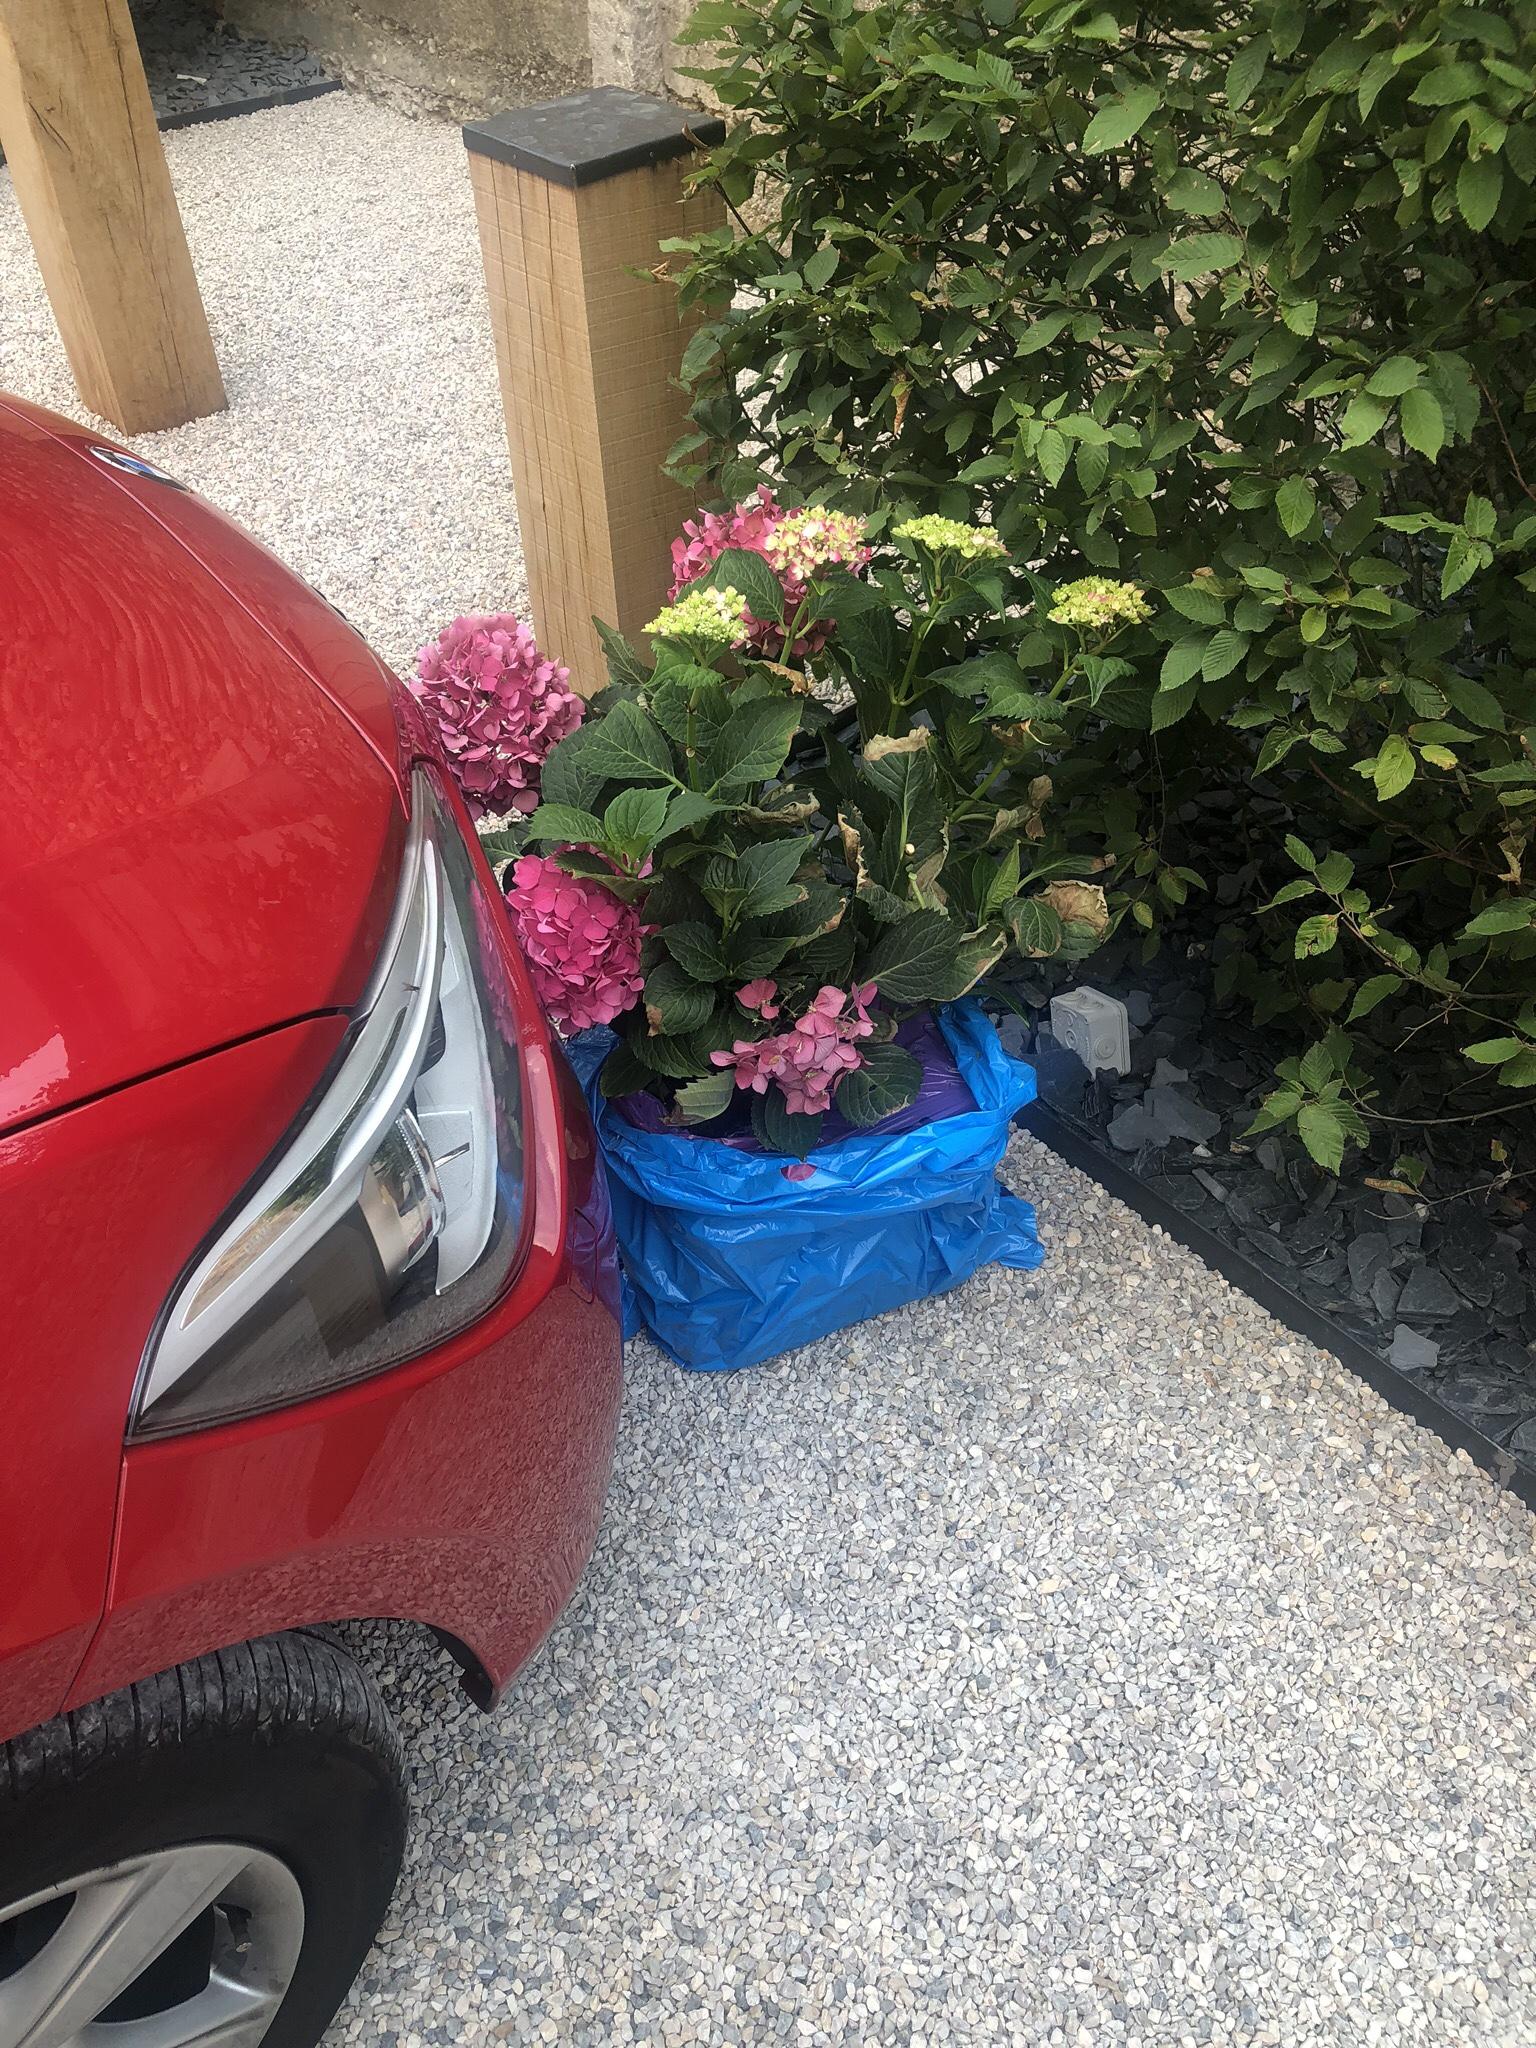 Vädrar Pappas hortensia vid varje stopp. Många tror jag är en vansinnig person när jag släpar ut den här busken från baksätet - där den även är fastspänd med bälte.